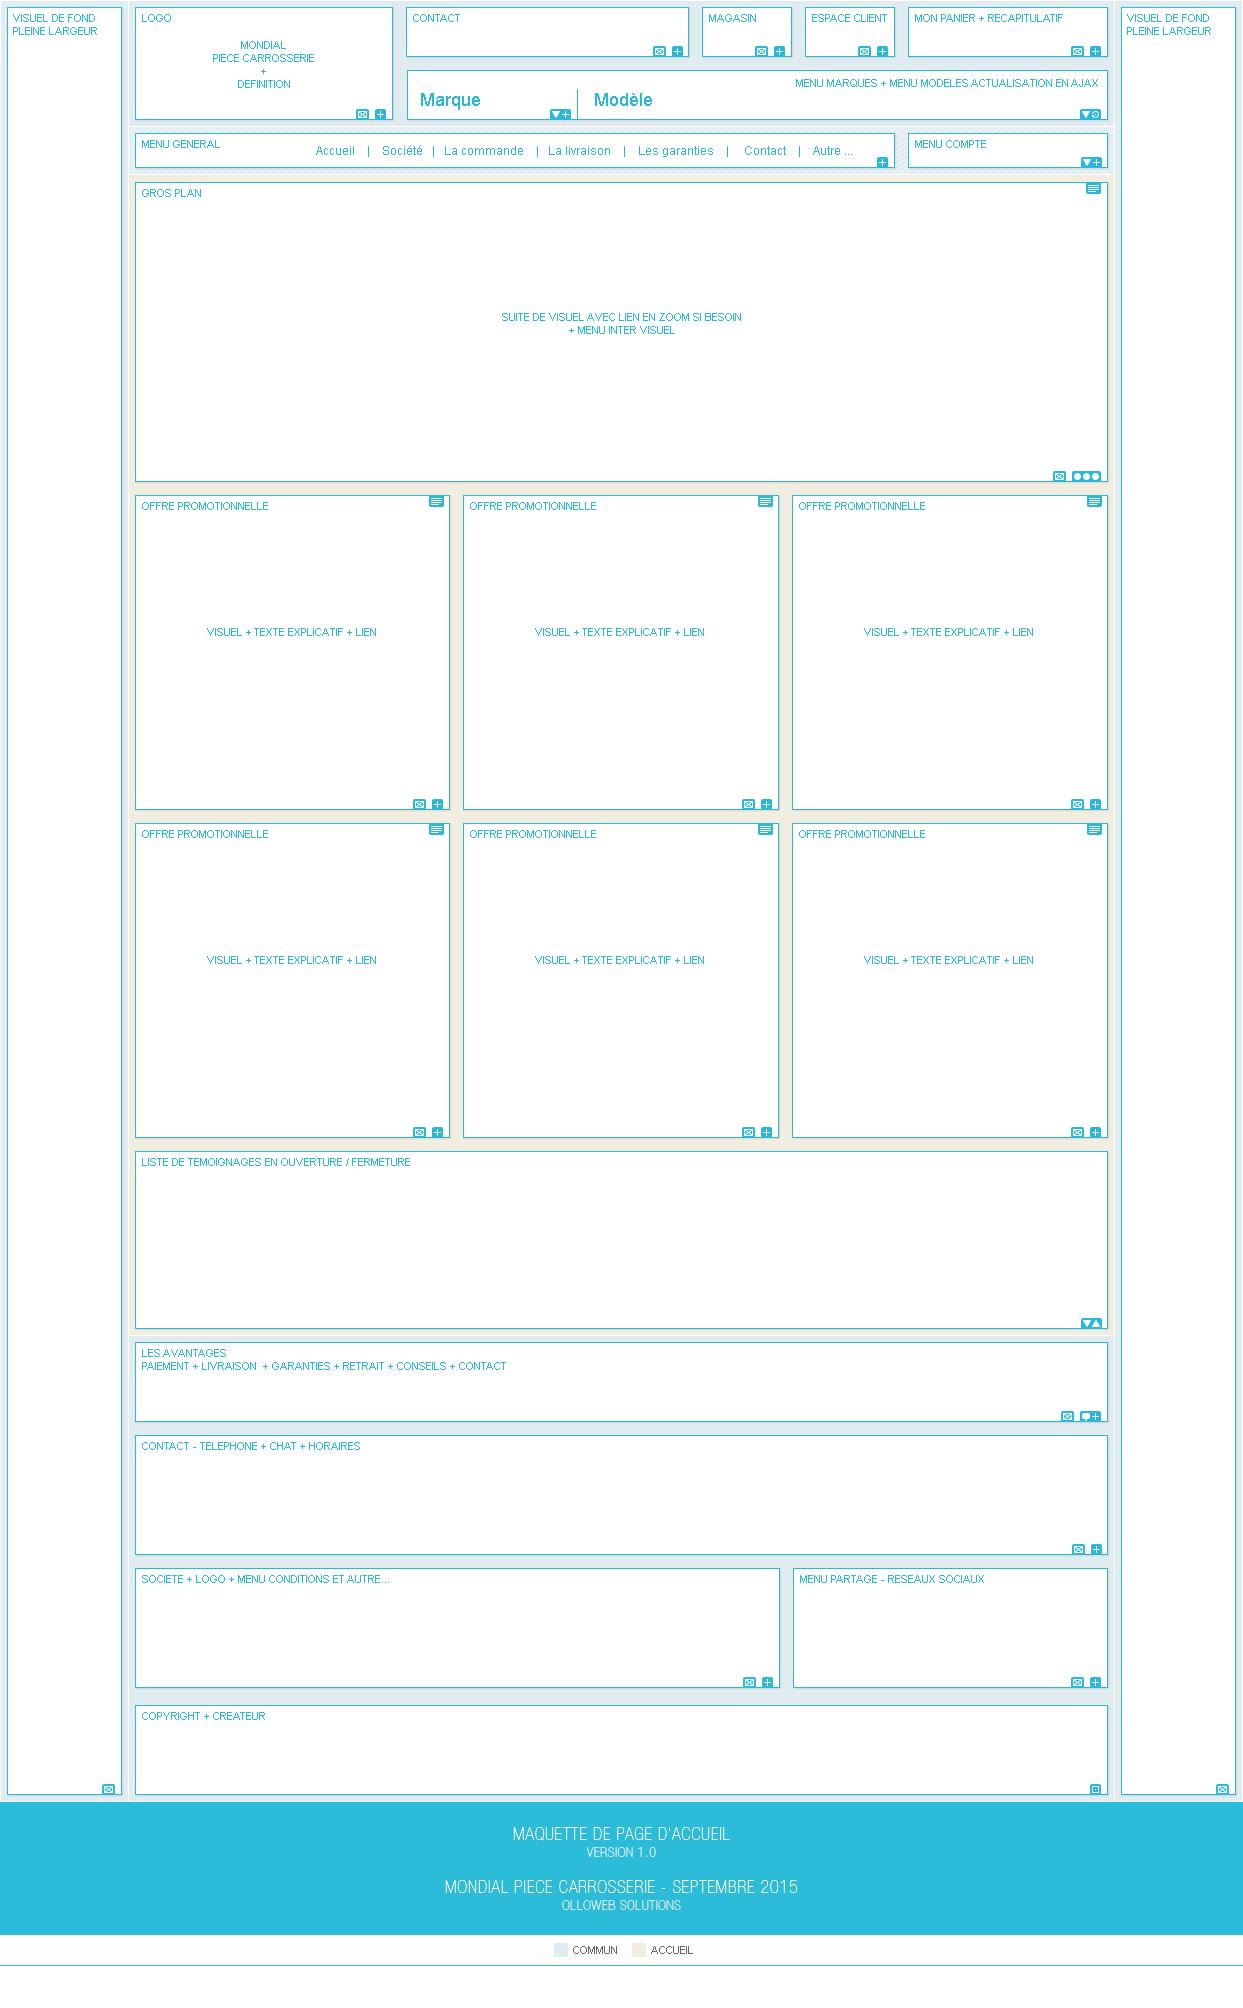 Création de la maquette de la page d'accueil